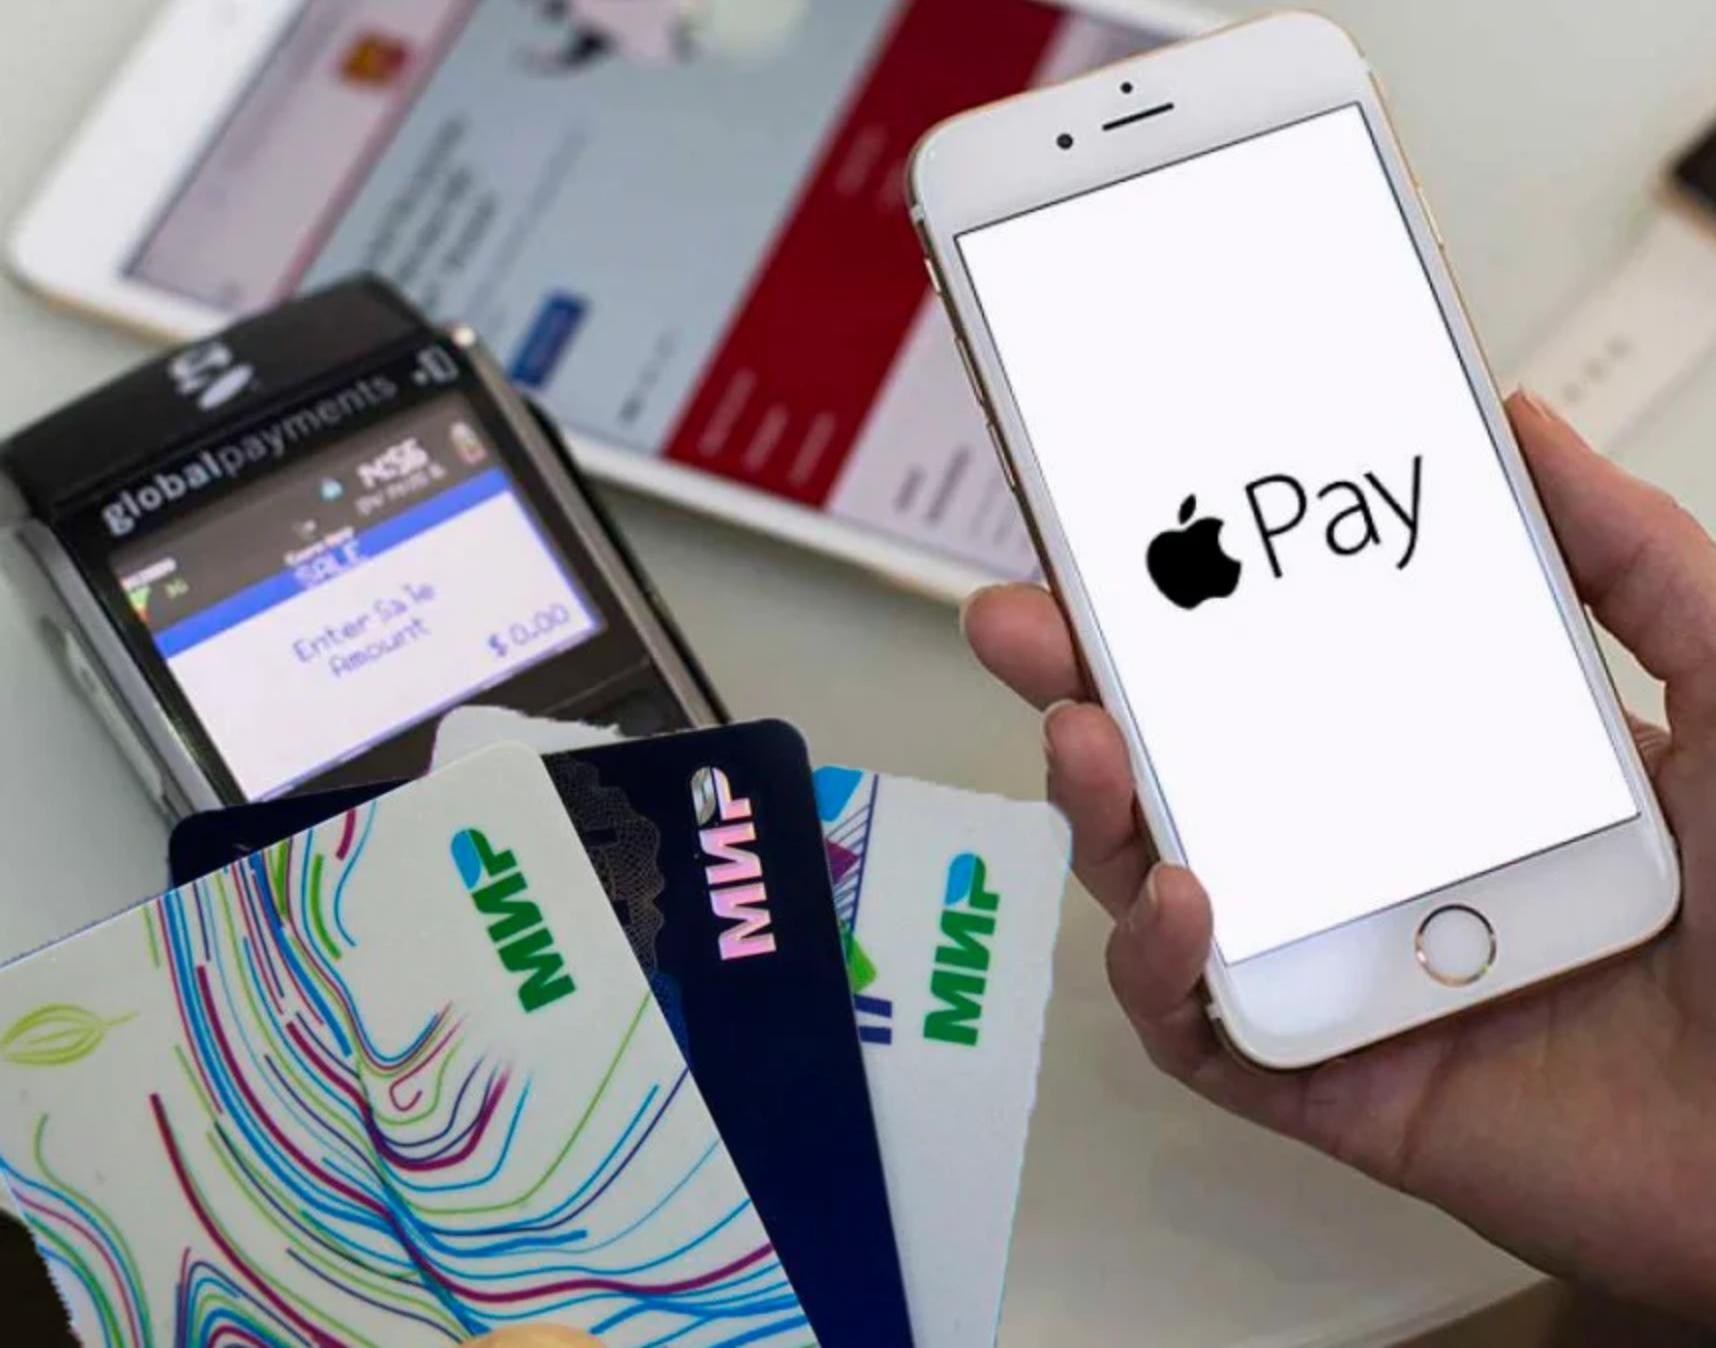 В Apple Pay можно будет добавлять карту «Мир»